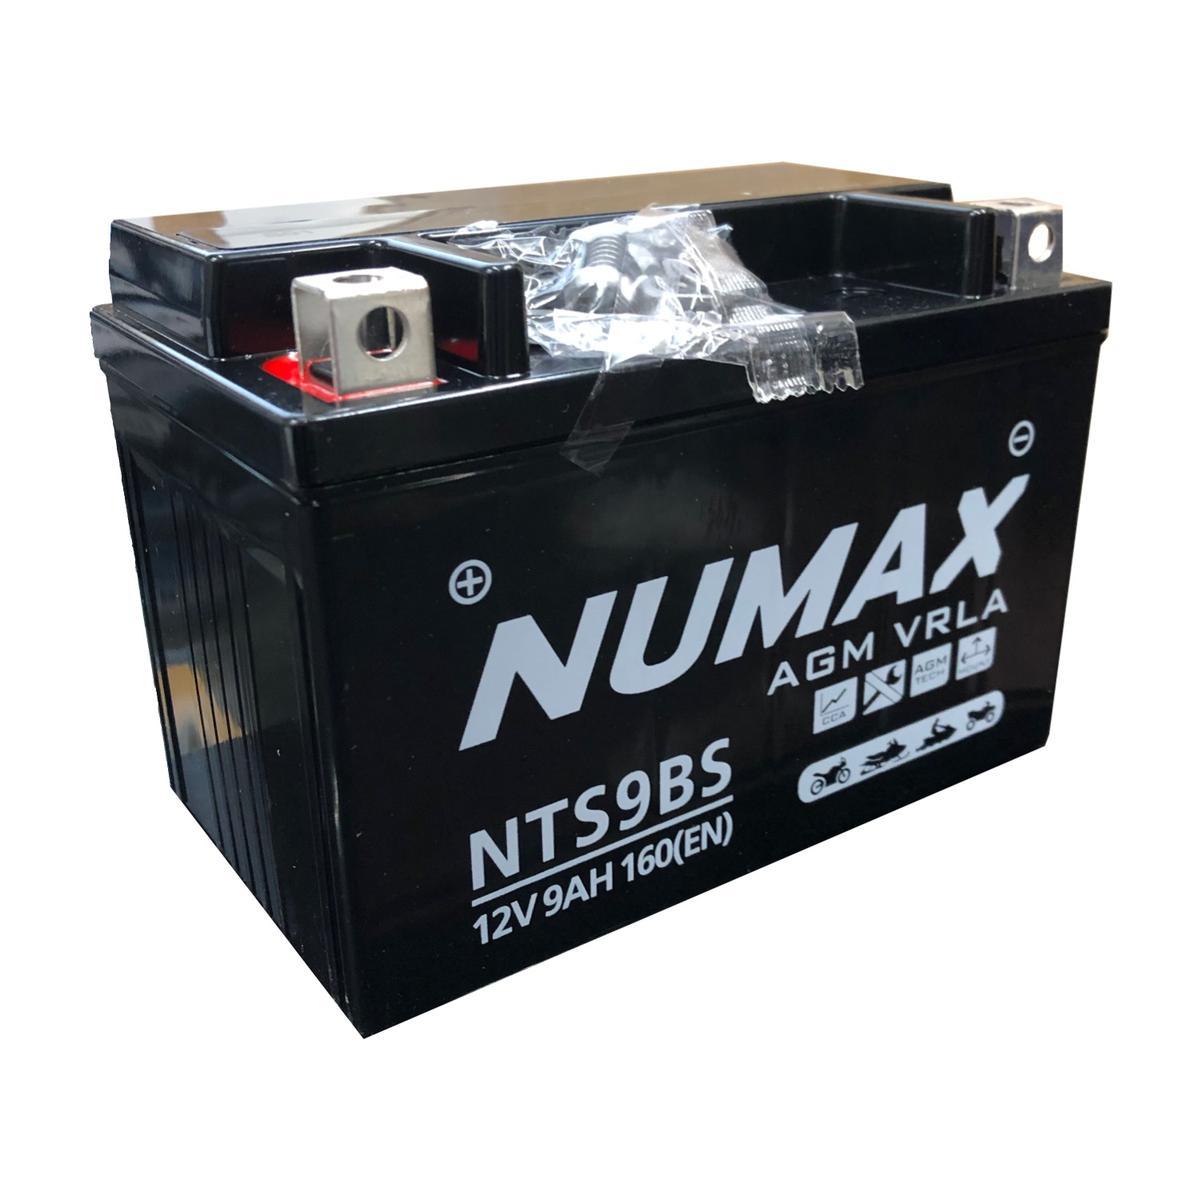 Numax NTS9BS 12v Motorbike Bike Battery SUZUKI 600cc R YXT9-4